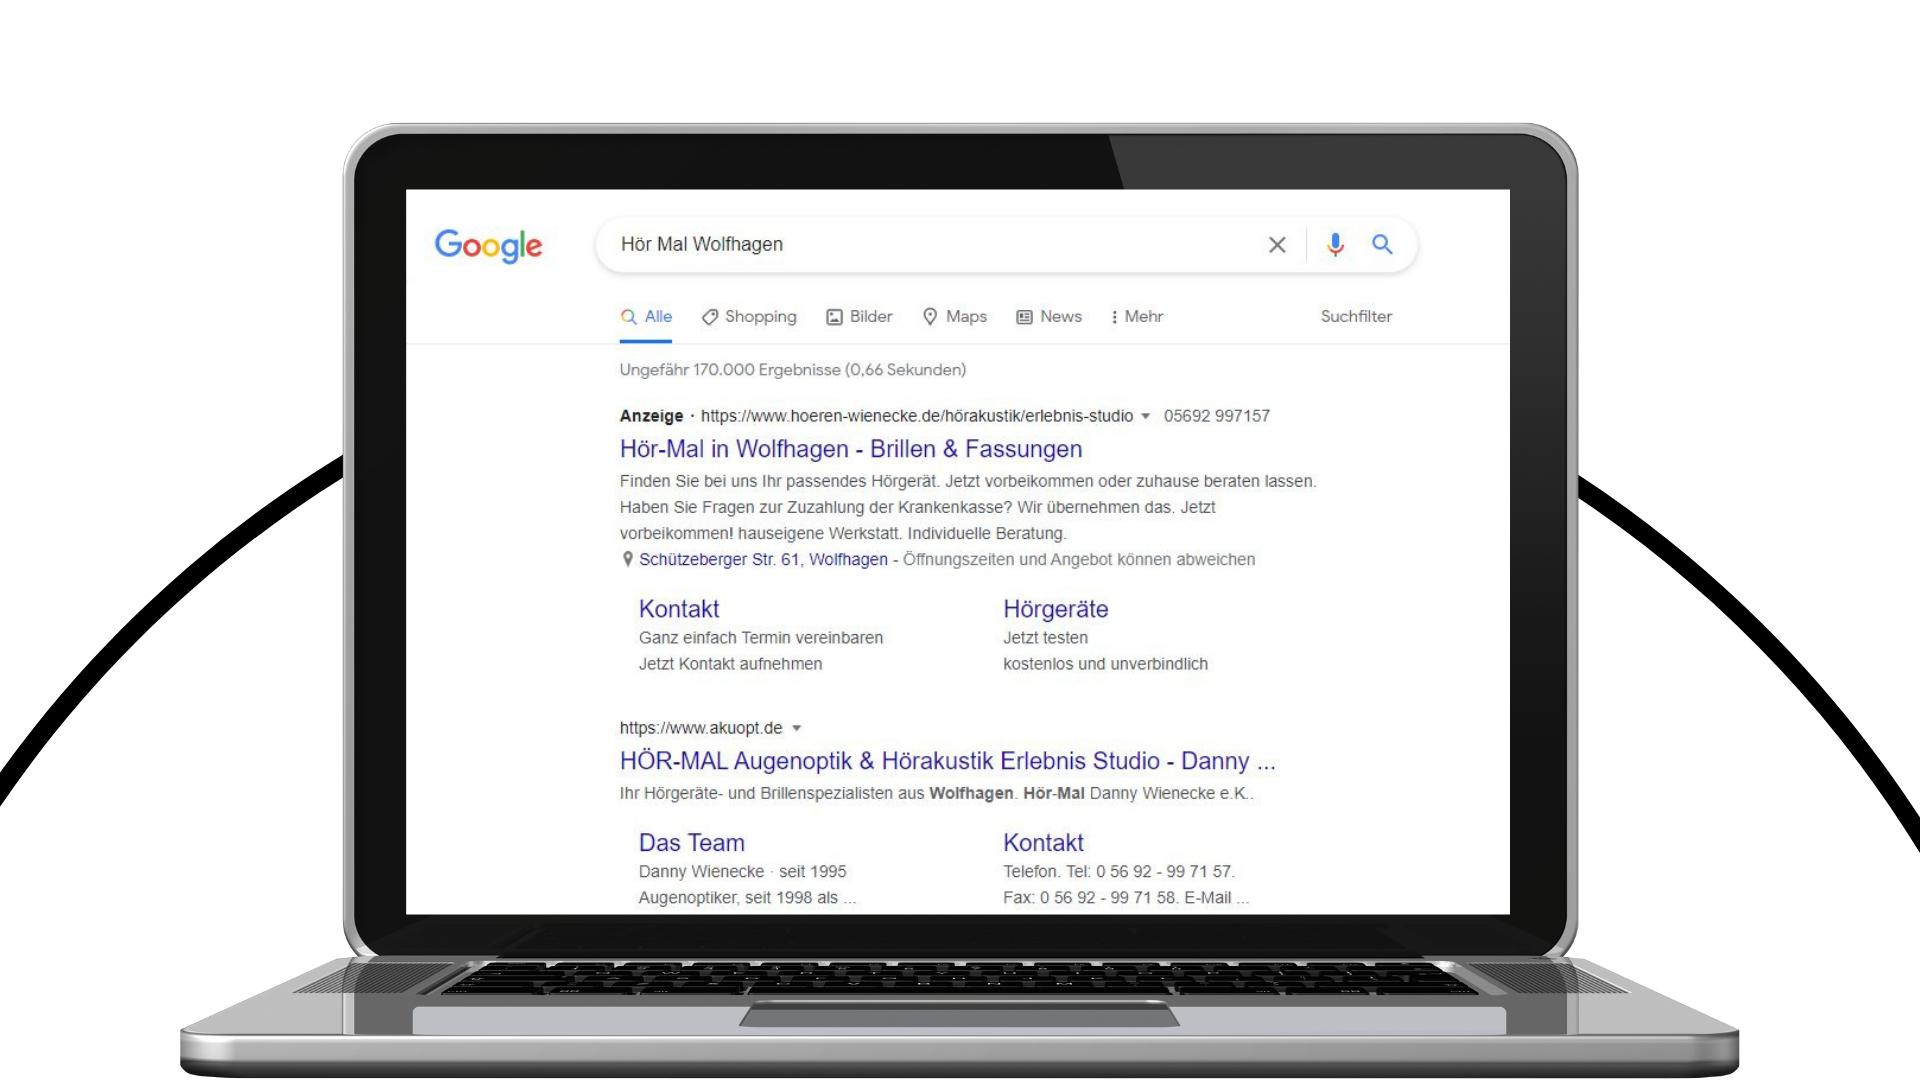 Hör Mal Google Ad Words